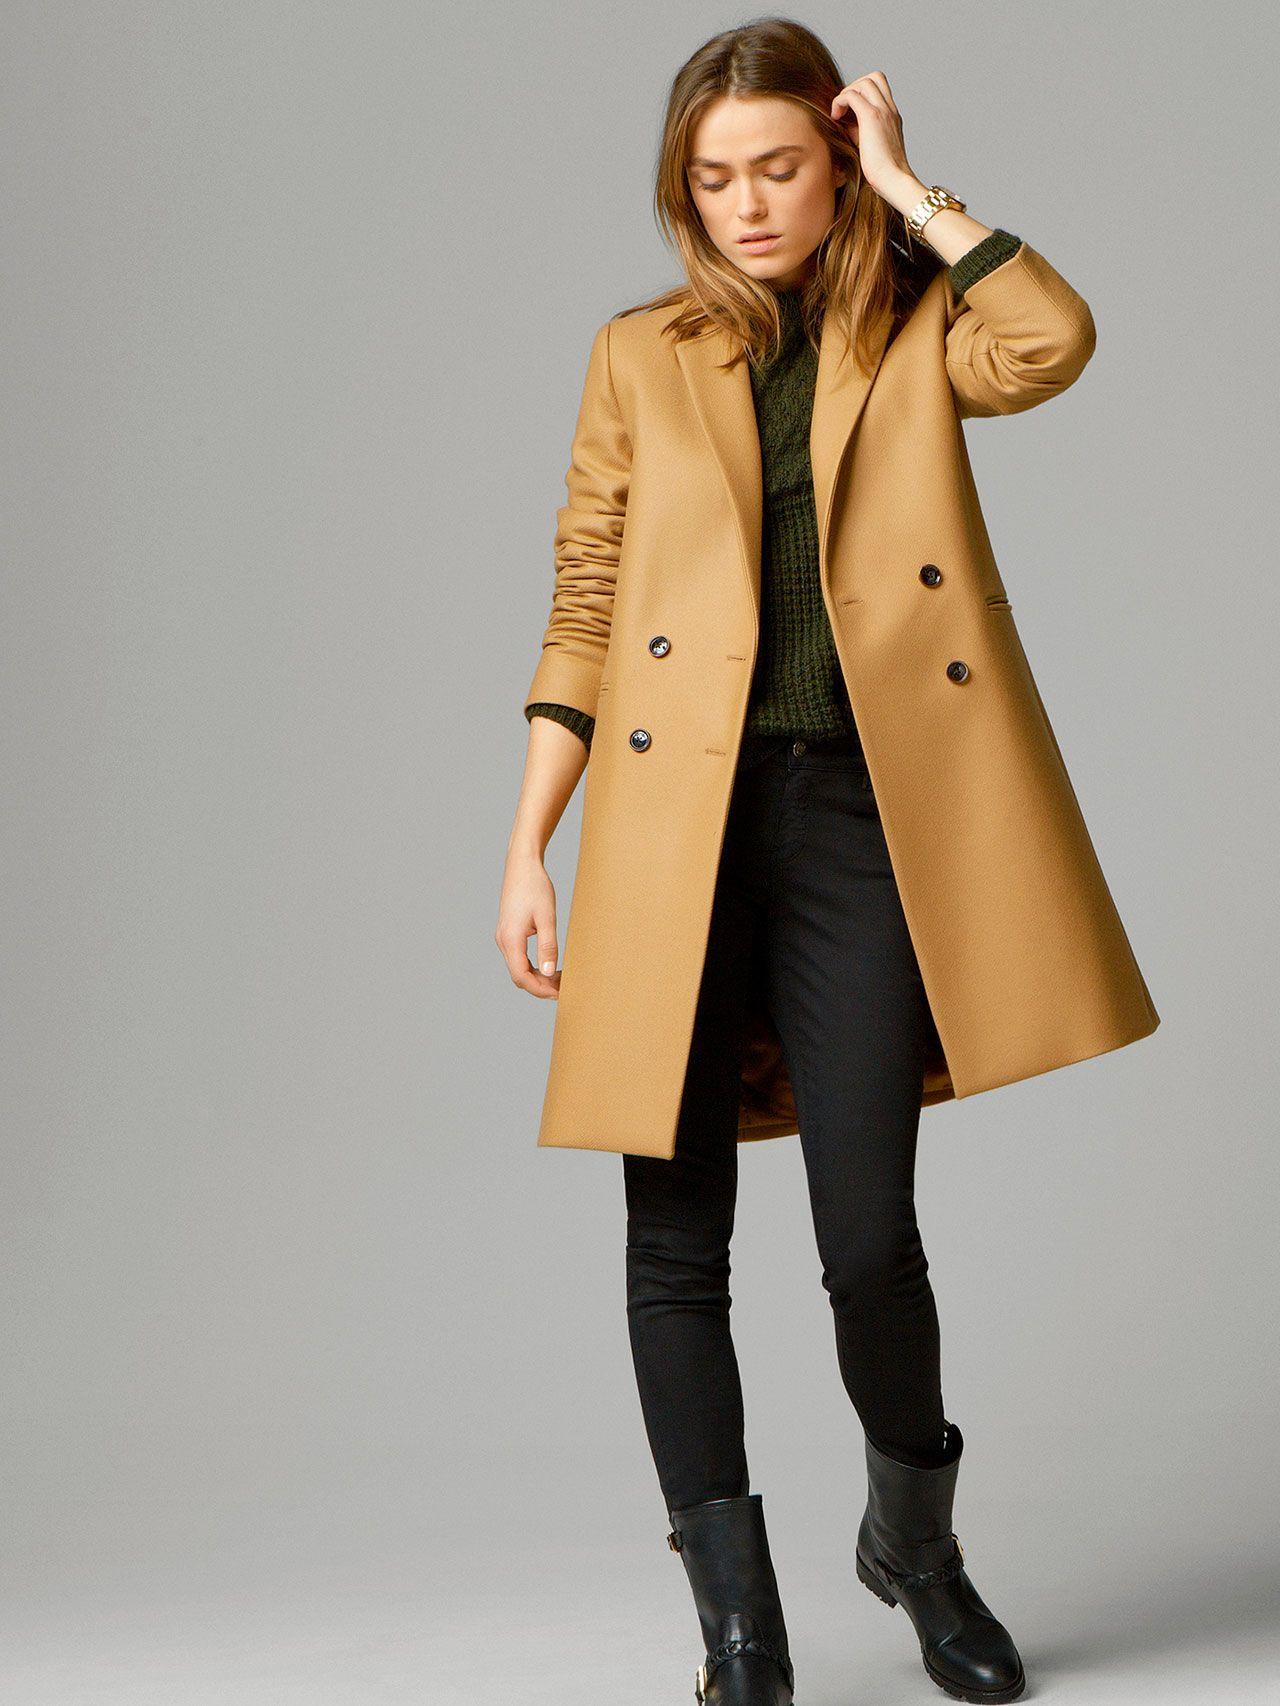 7e8058ac8 ABRIGO CAMEL | Sassy Fashion | Abrigo camel, Abrigos y chaquetas y ...